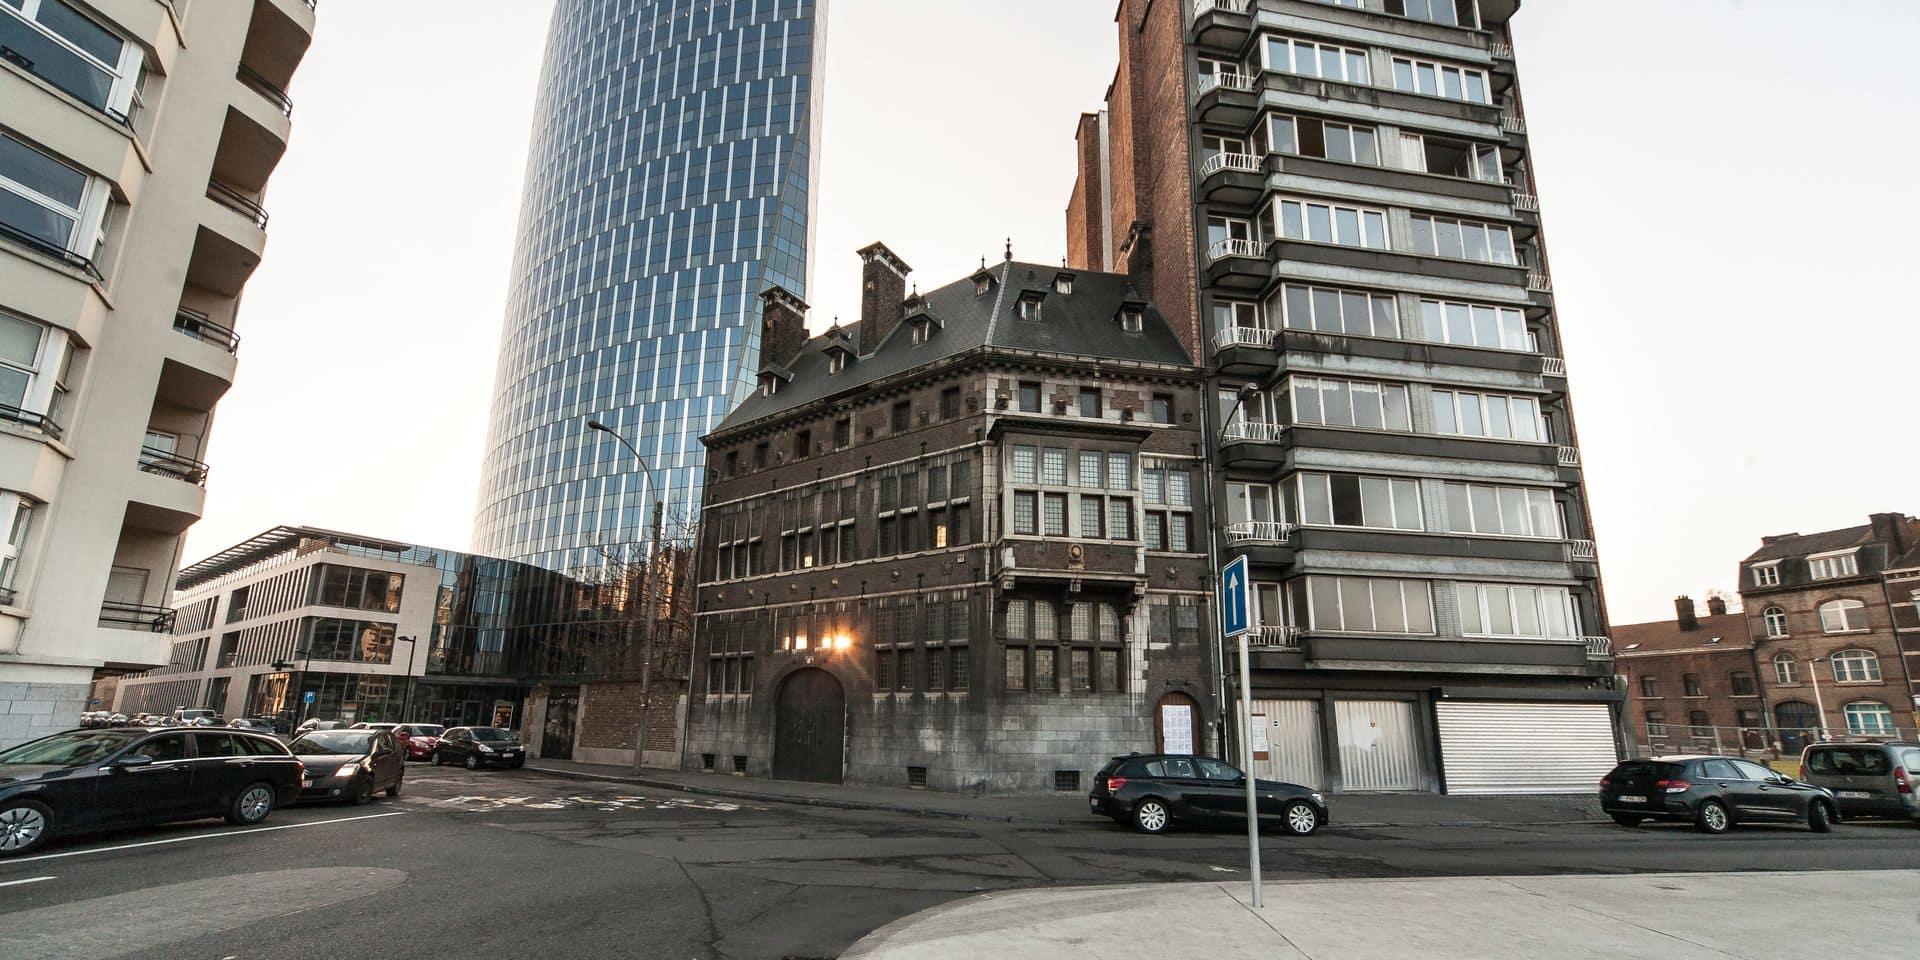 Vieux-Liège: ils se battent pour leur ville depuis 125 ans!